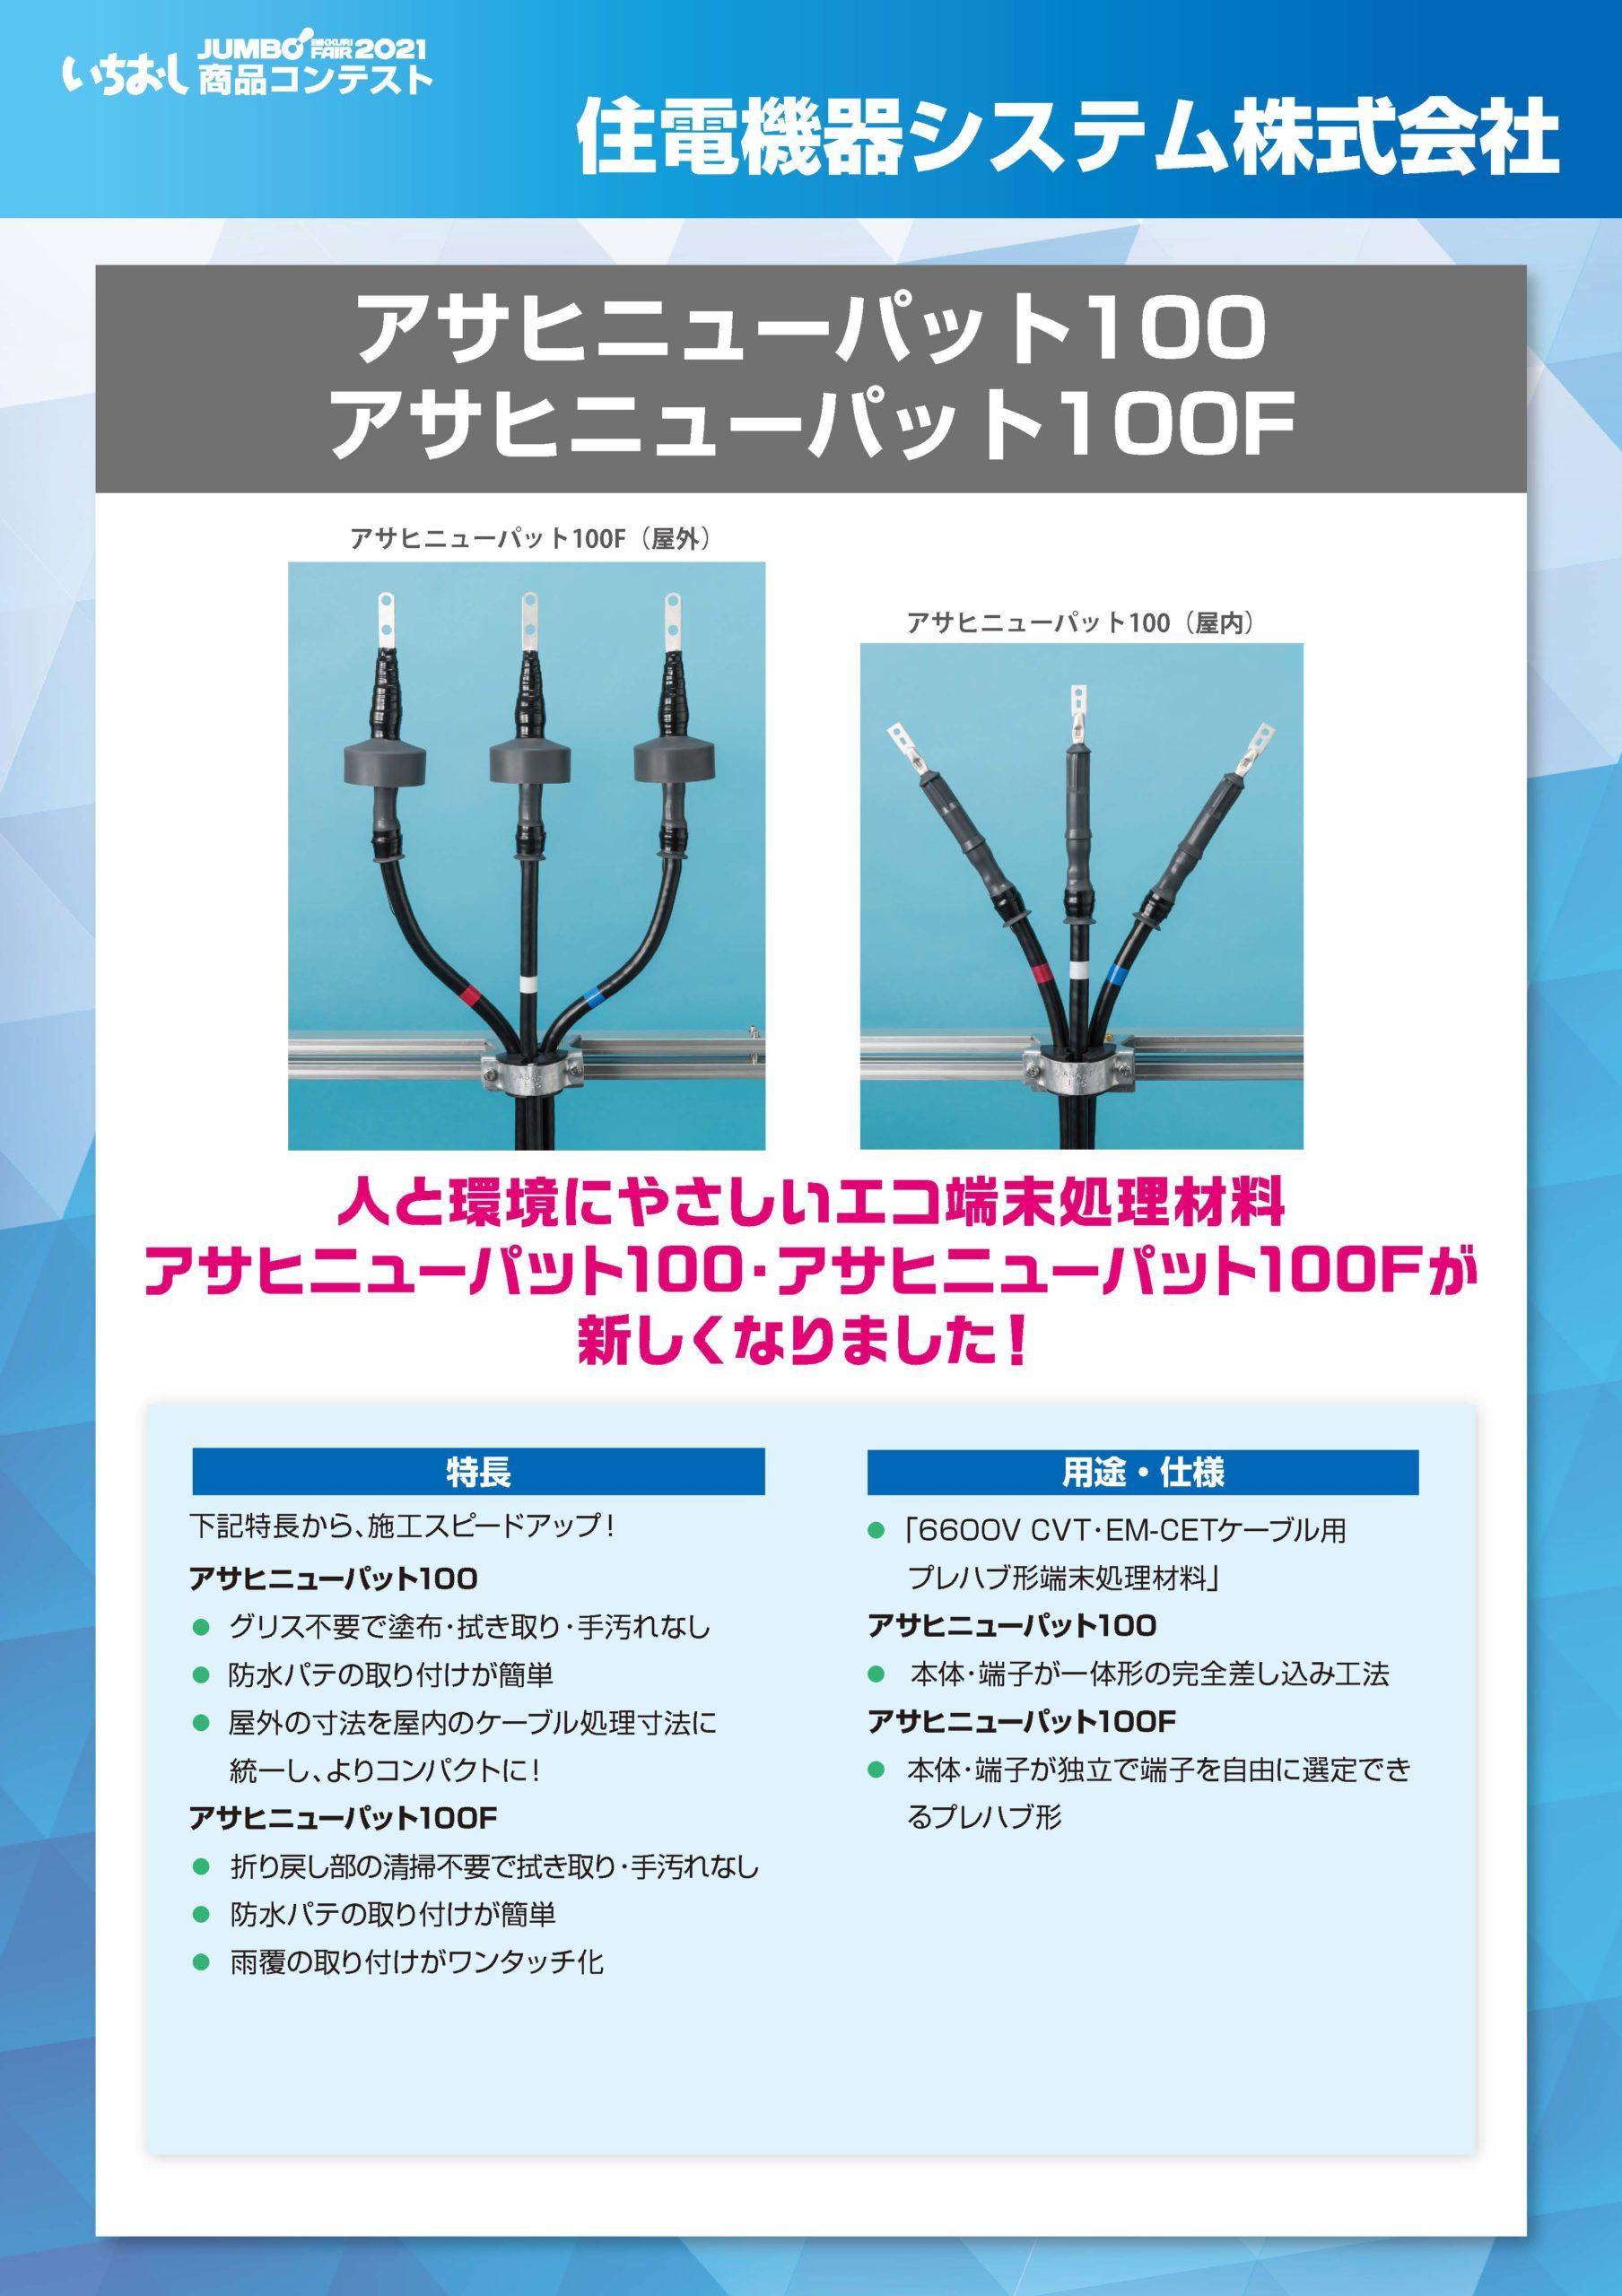 「アサヒニューパット100 アサヒニューパット100F」住電機器システム株式会社の画像